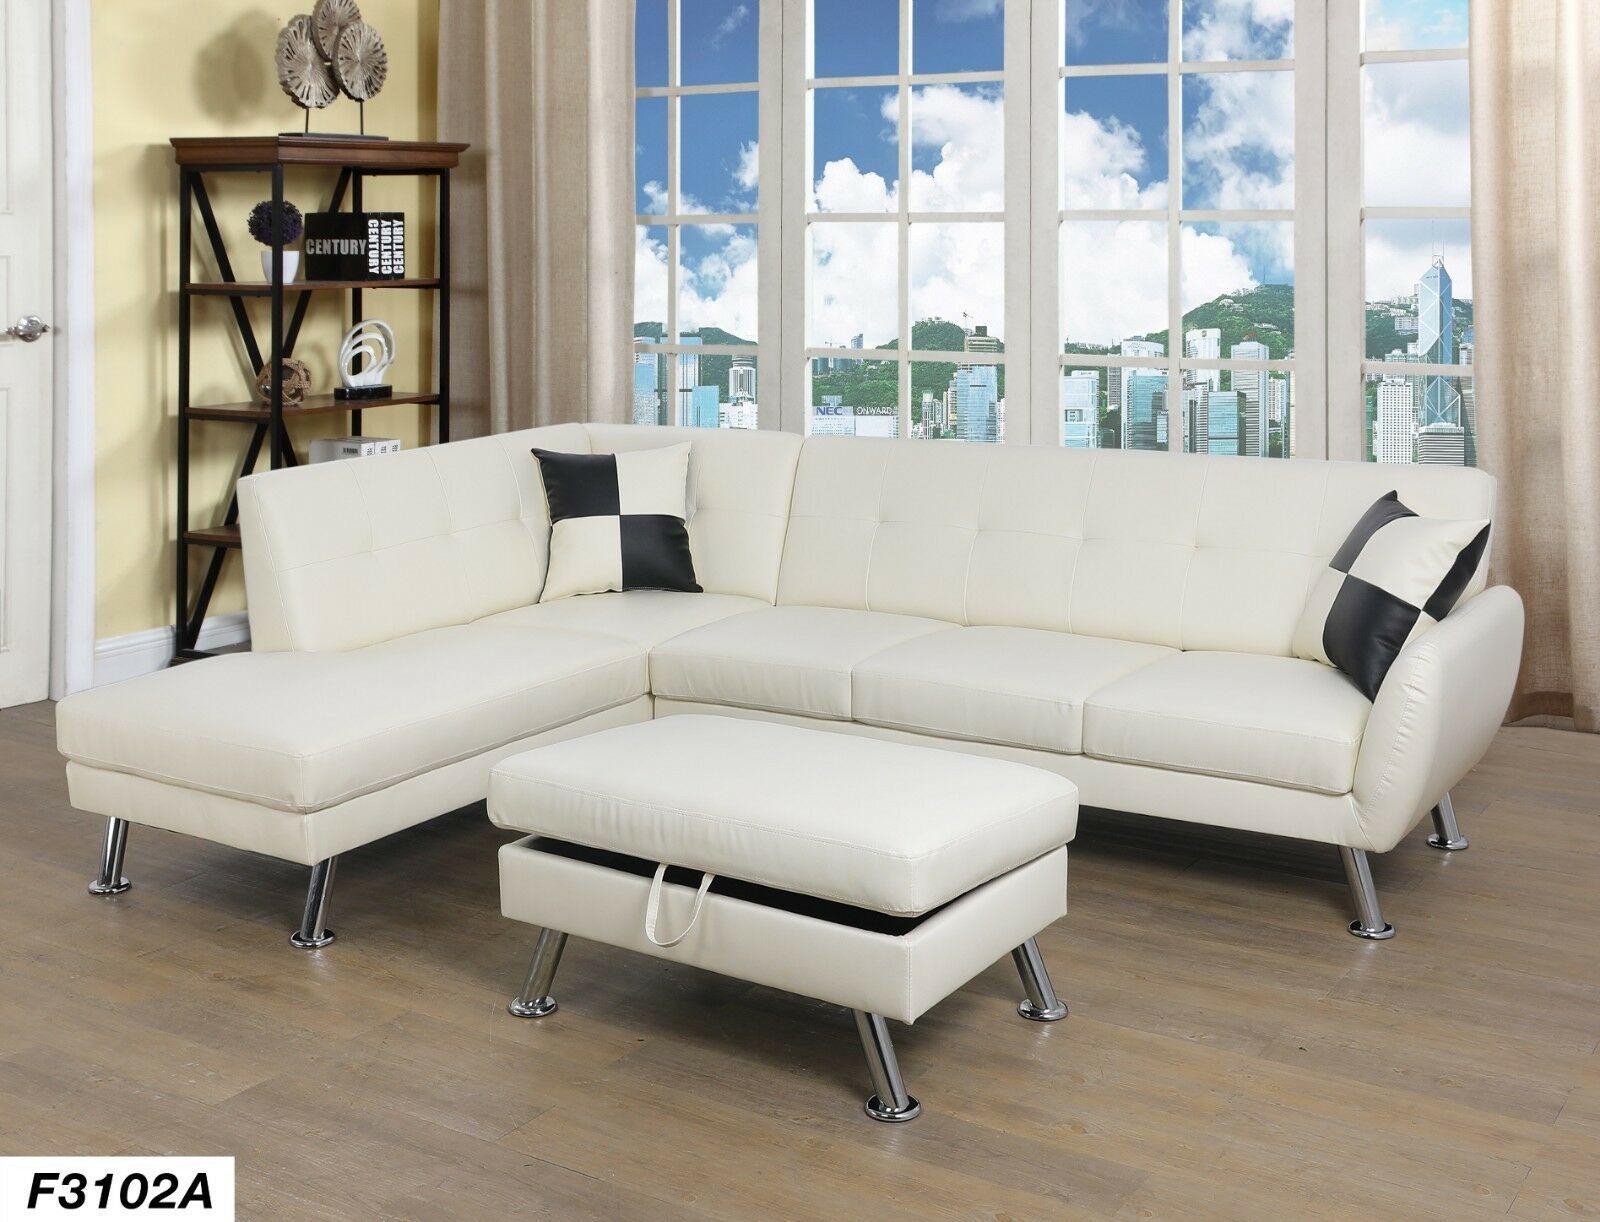 Lifestyle Furniture 3pc Sectional Sofa Set With Free Ottoman2 Pillows White White Sofa Ideas Of White Sofa Sectional Sofa Faux Leather Sectional Sofa Set